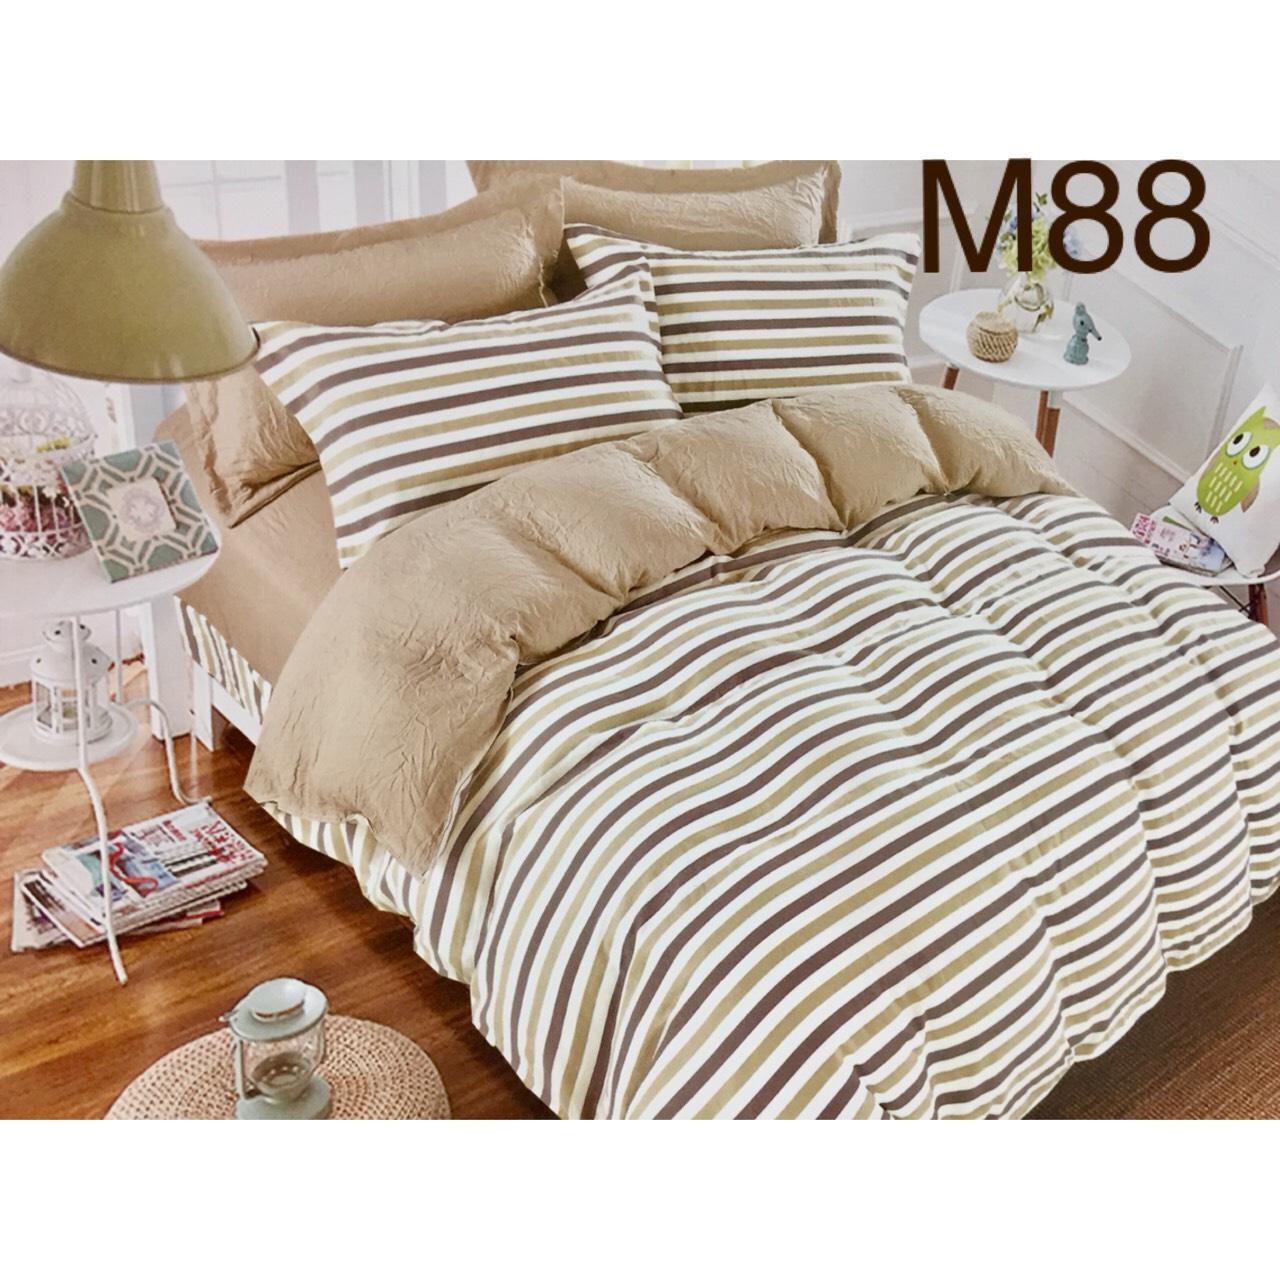 Bộ Chăn Ga Cotton Đũi Loại 1 Hàn Quốc - M88